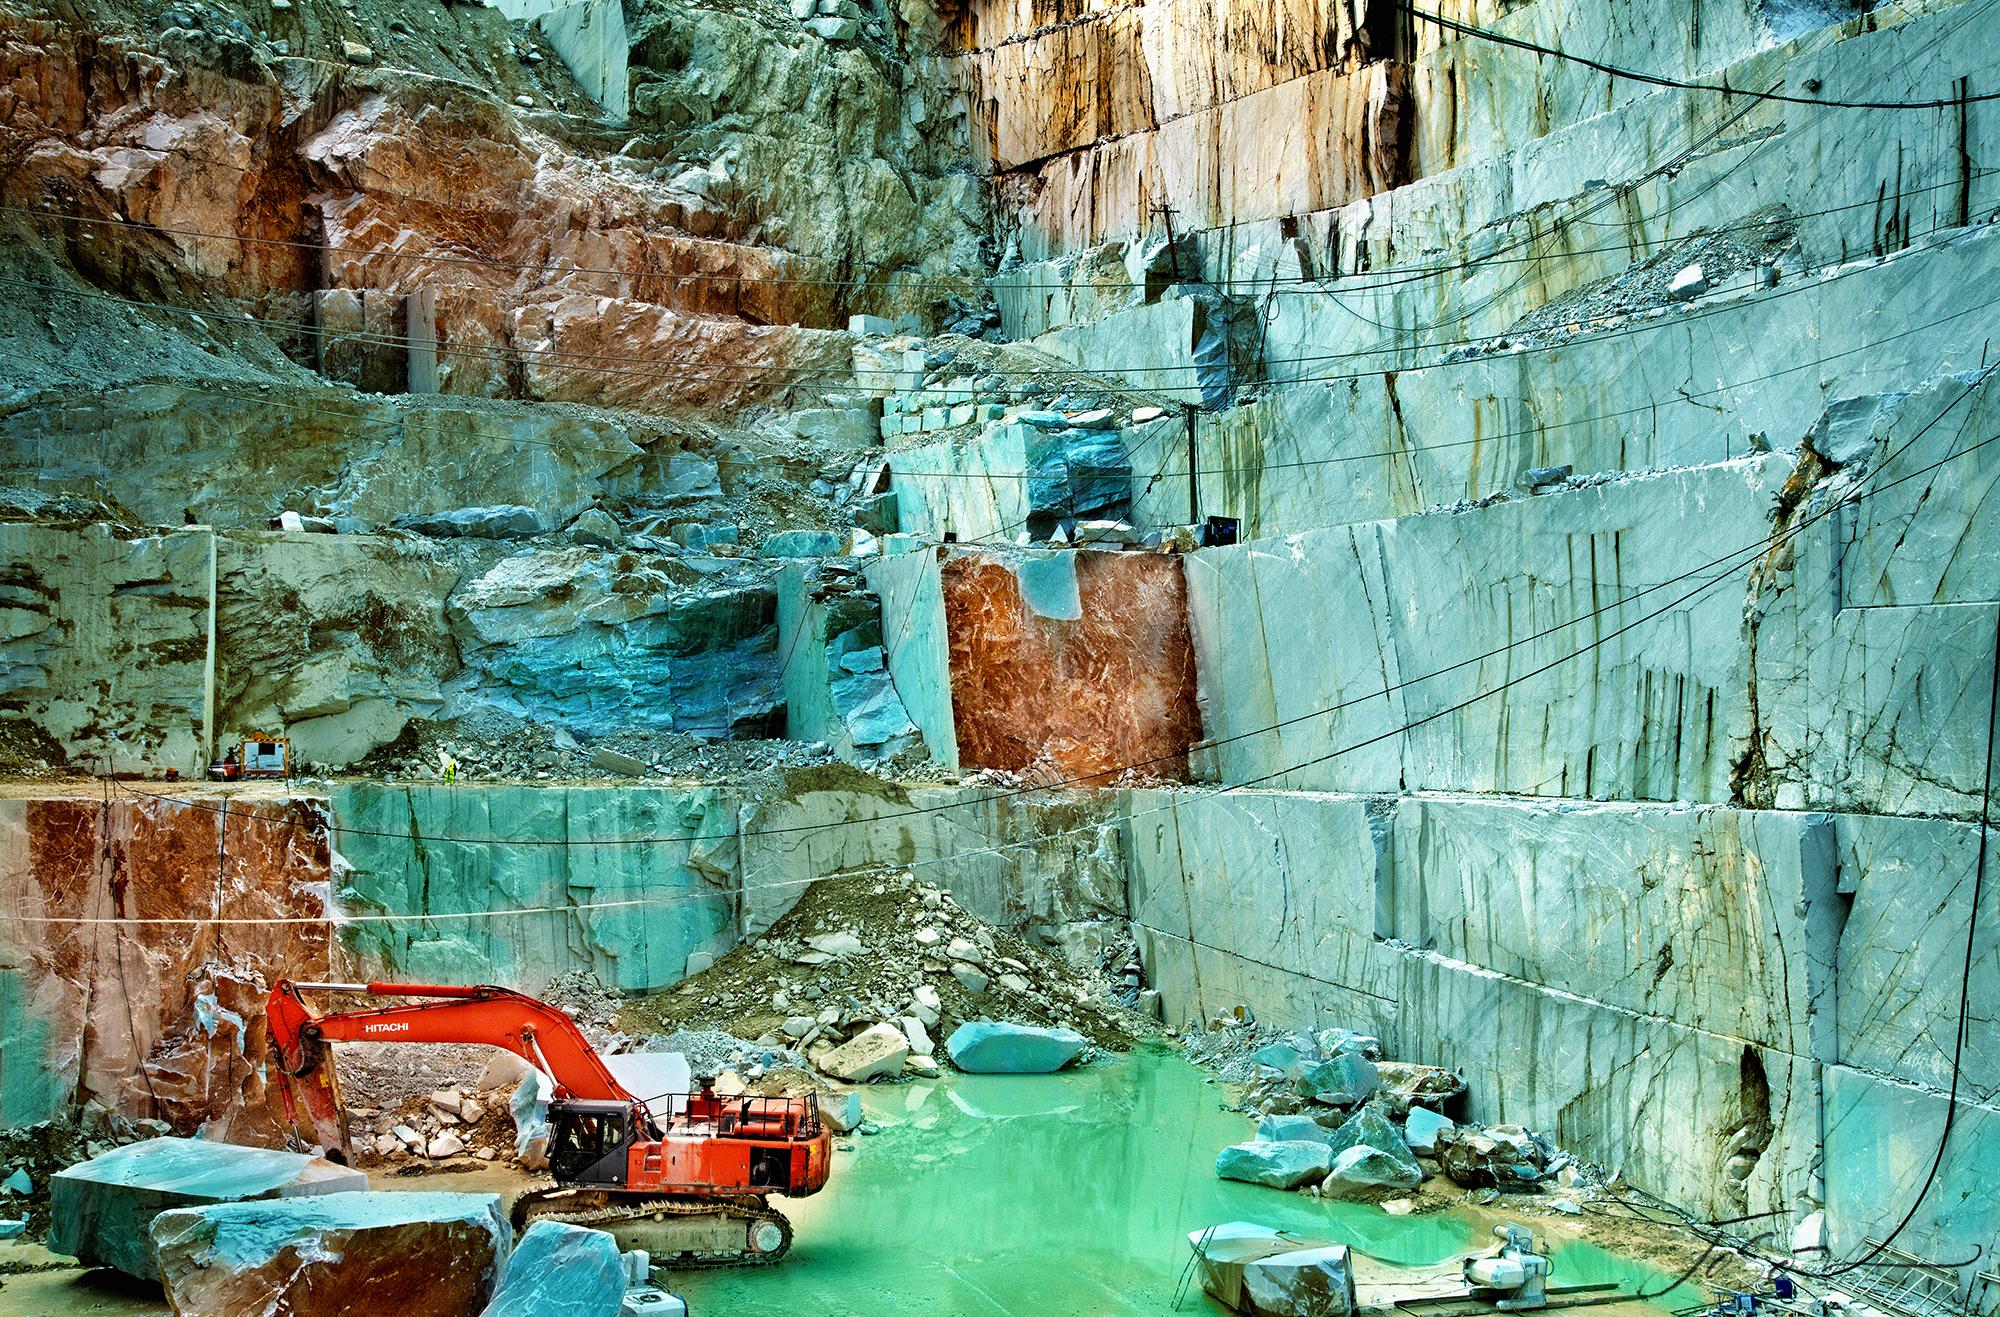 Harvesting Beauty 01 - Marble Quarry, Carrara, Italy